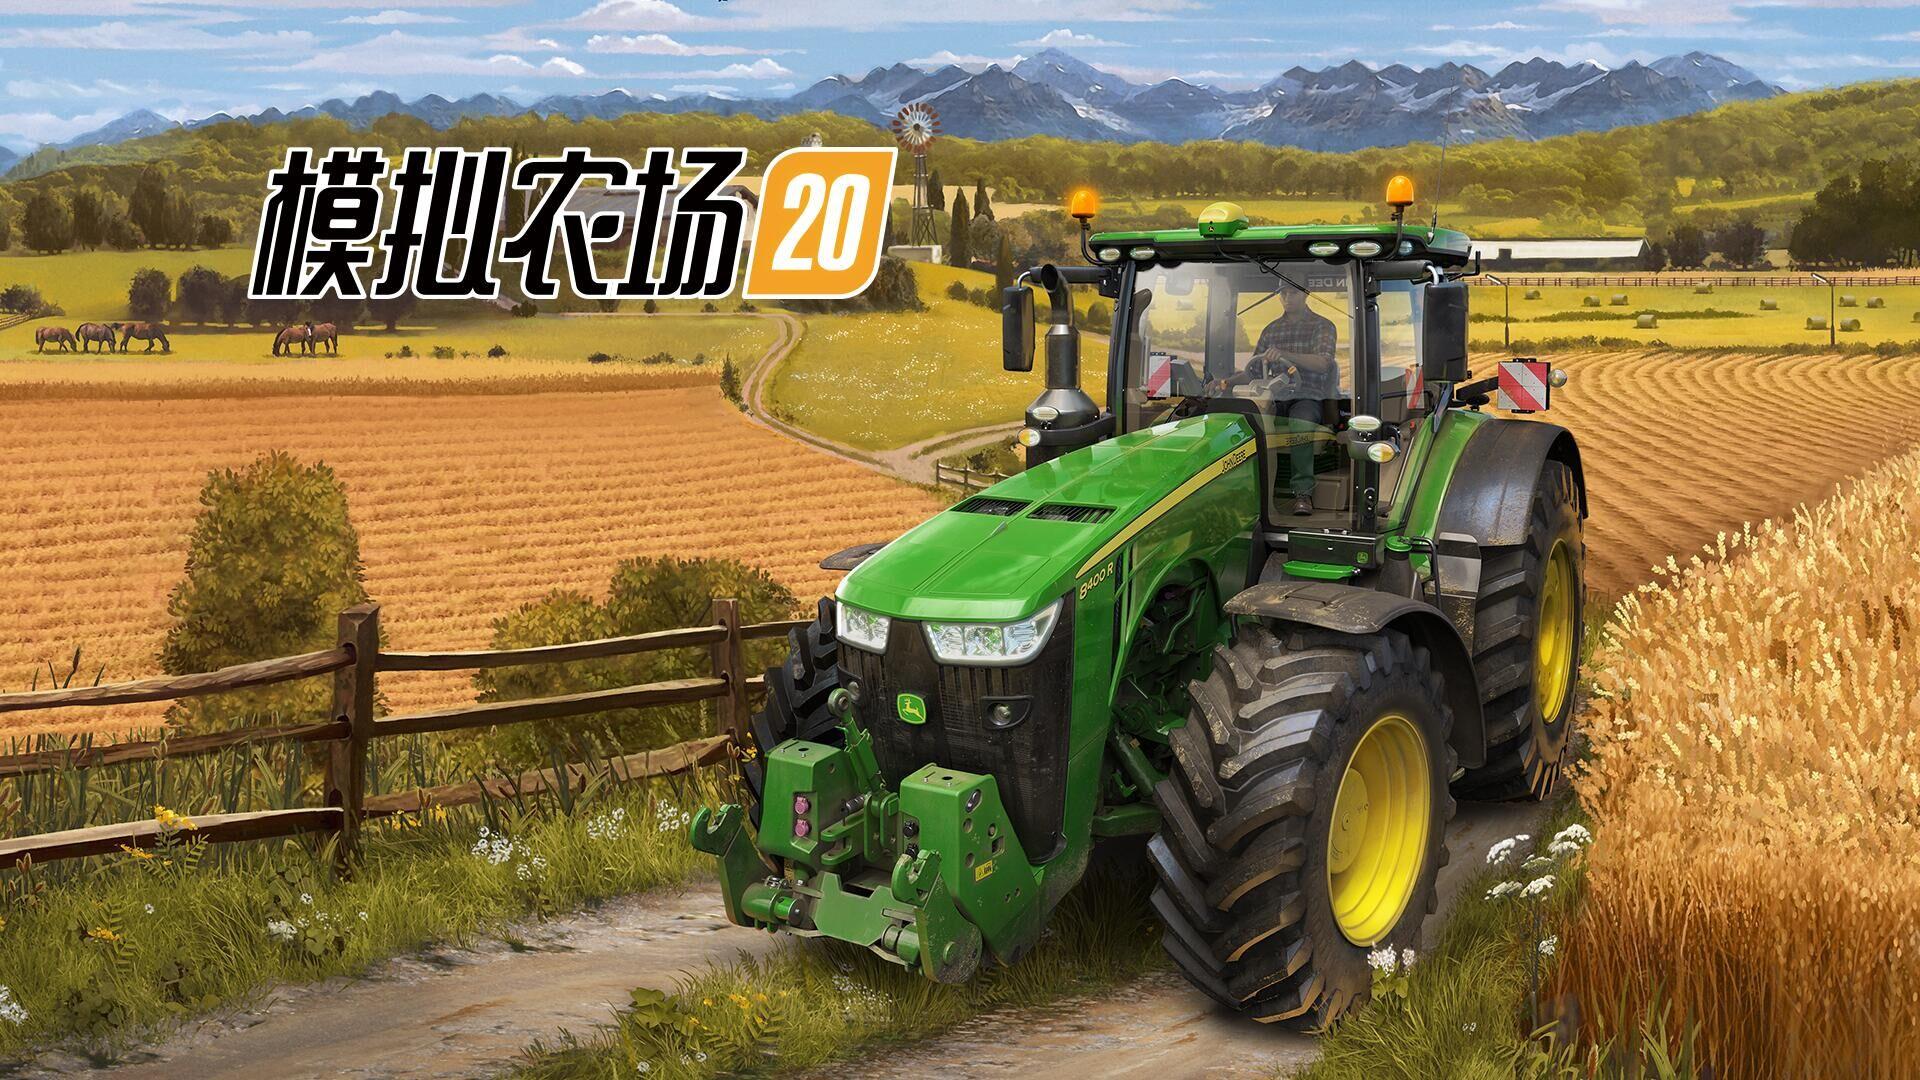 上班累了就去《模拟农场20》种田休息一下吧。